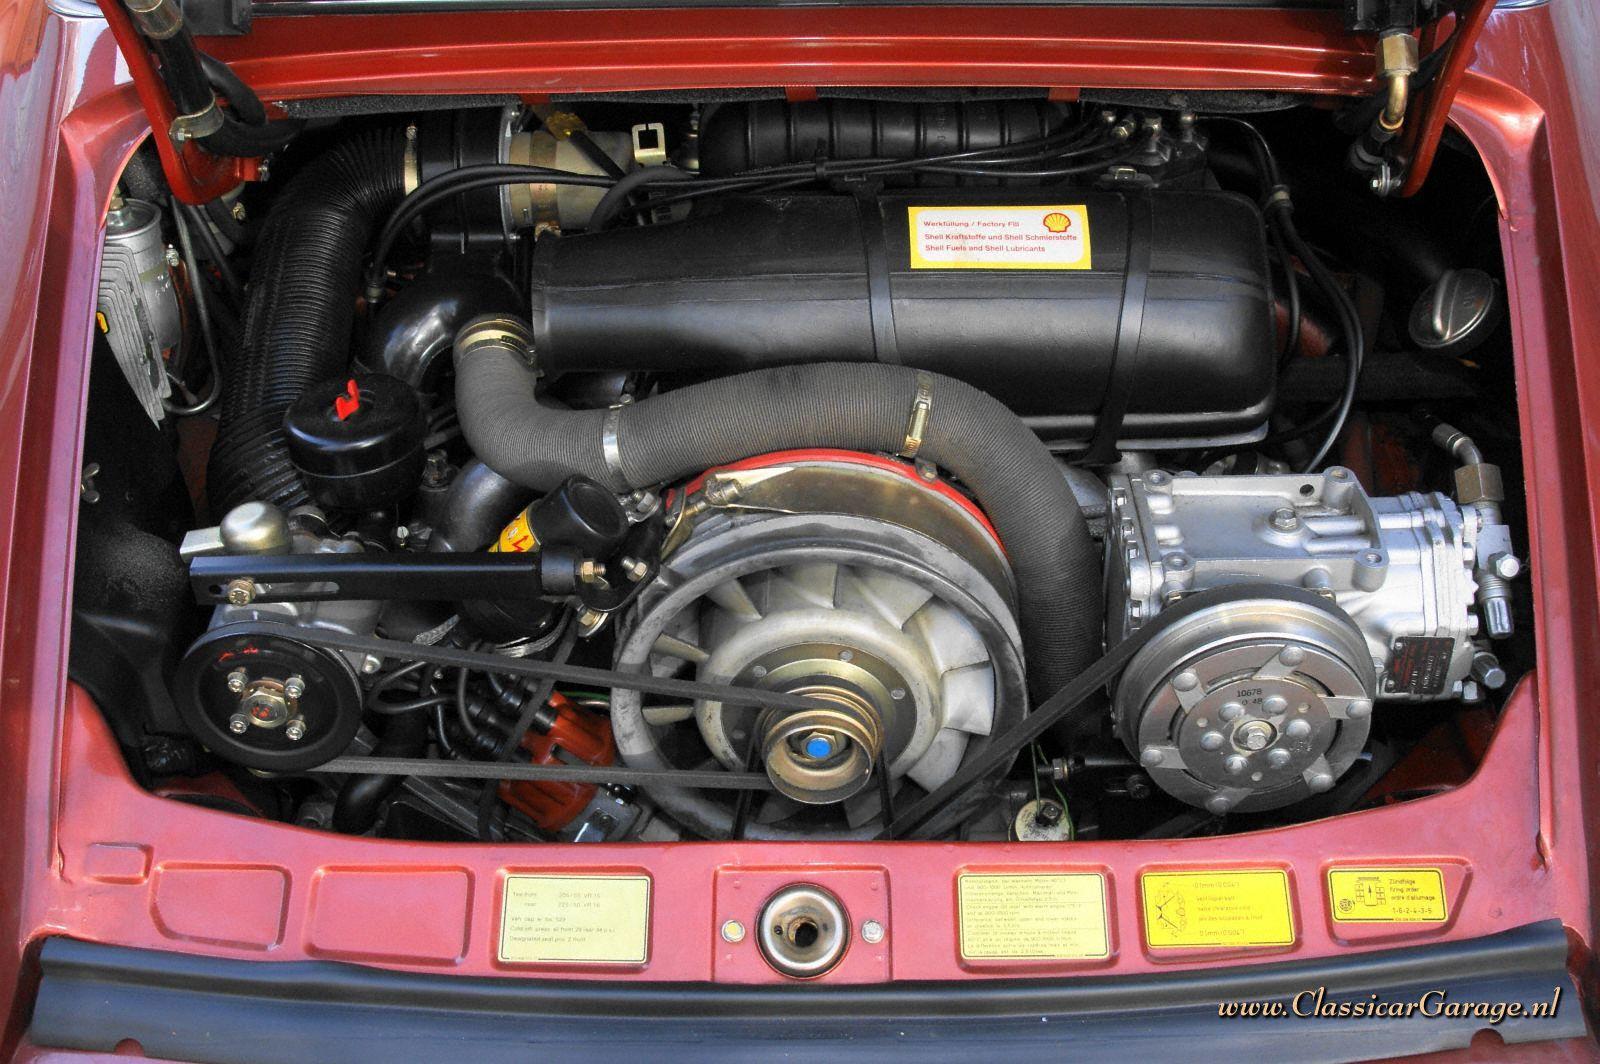 1983 Porsche 911 Wiring Diagram Lzk Gallery